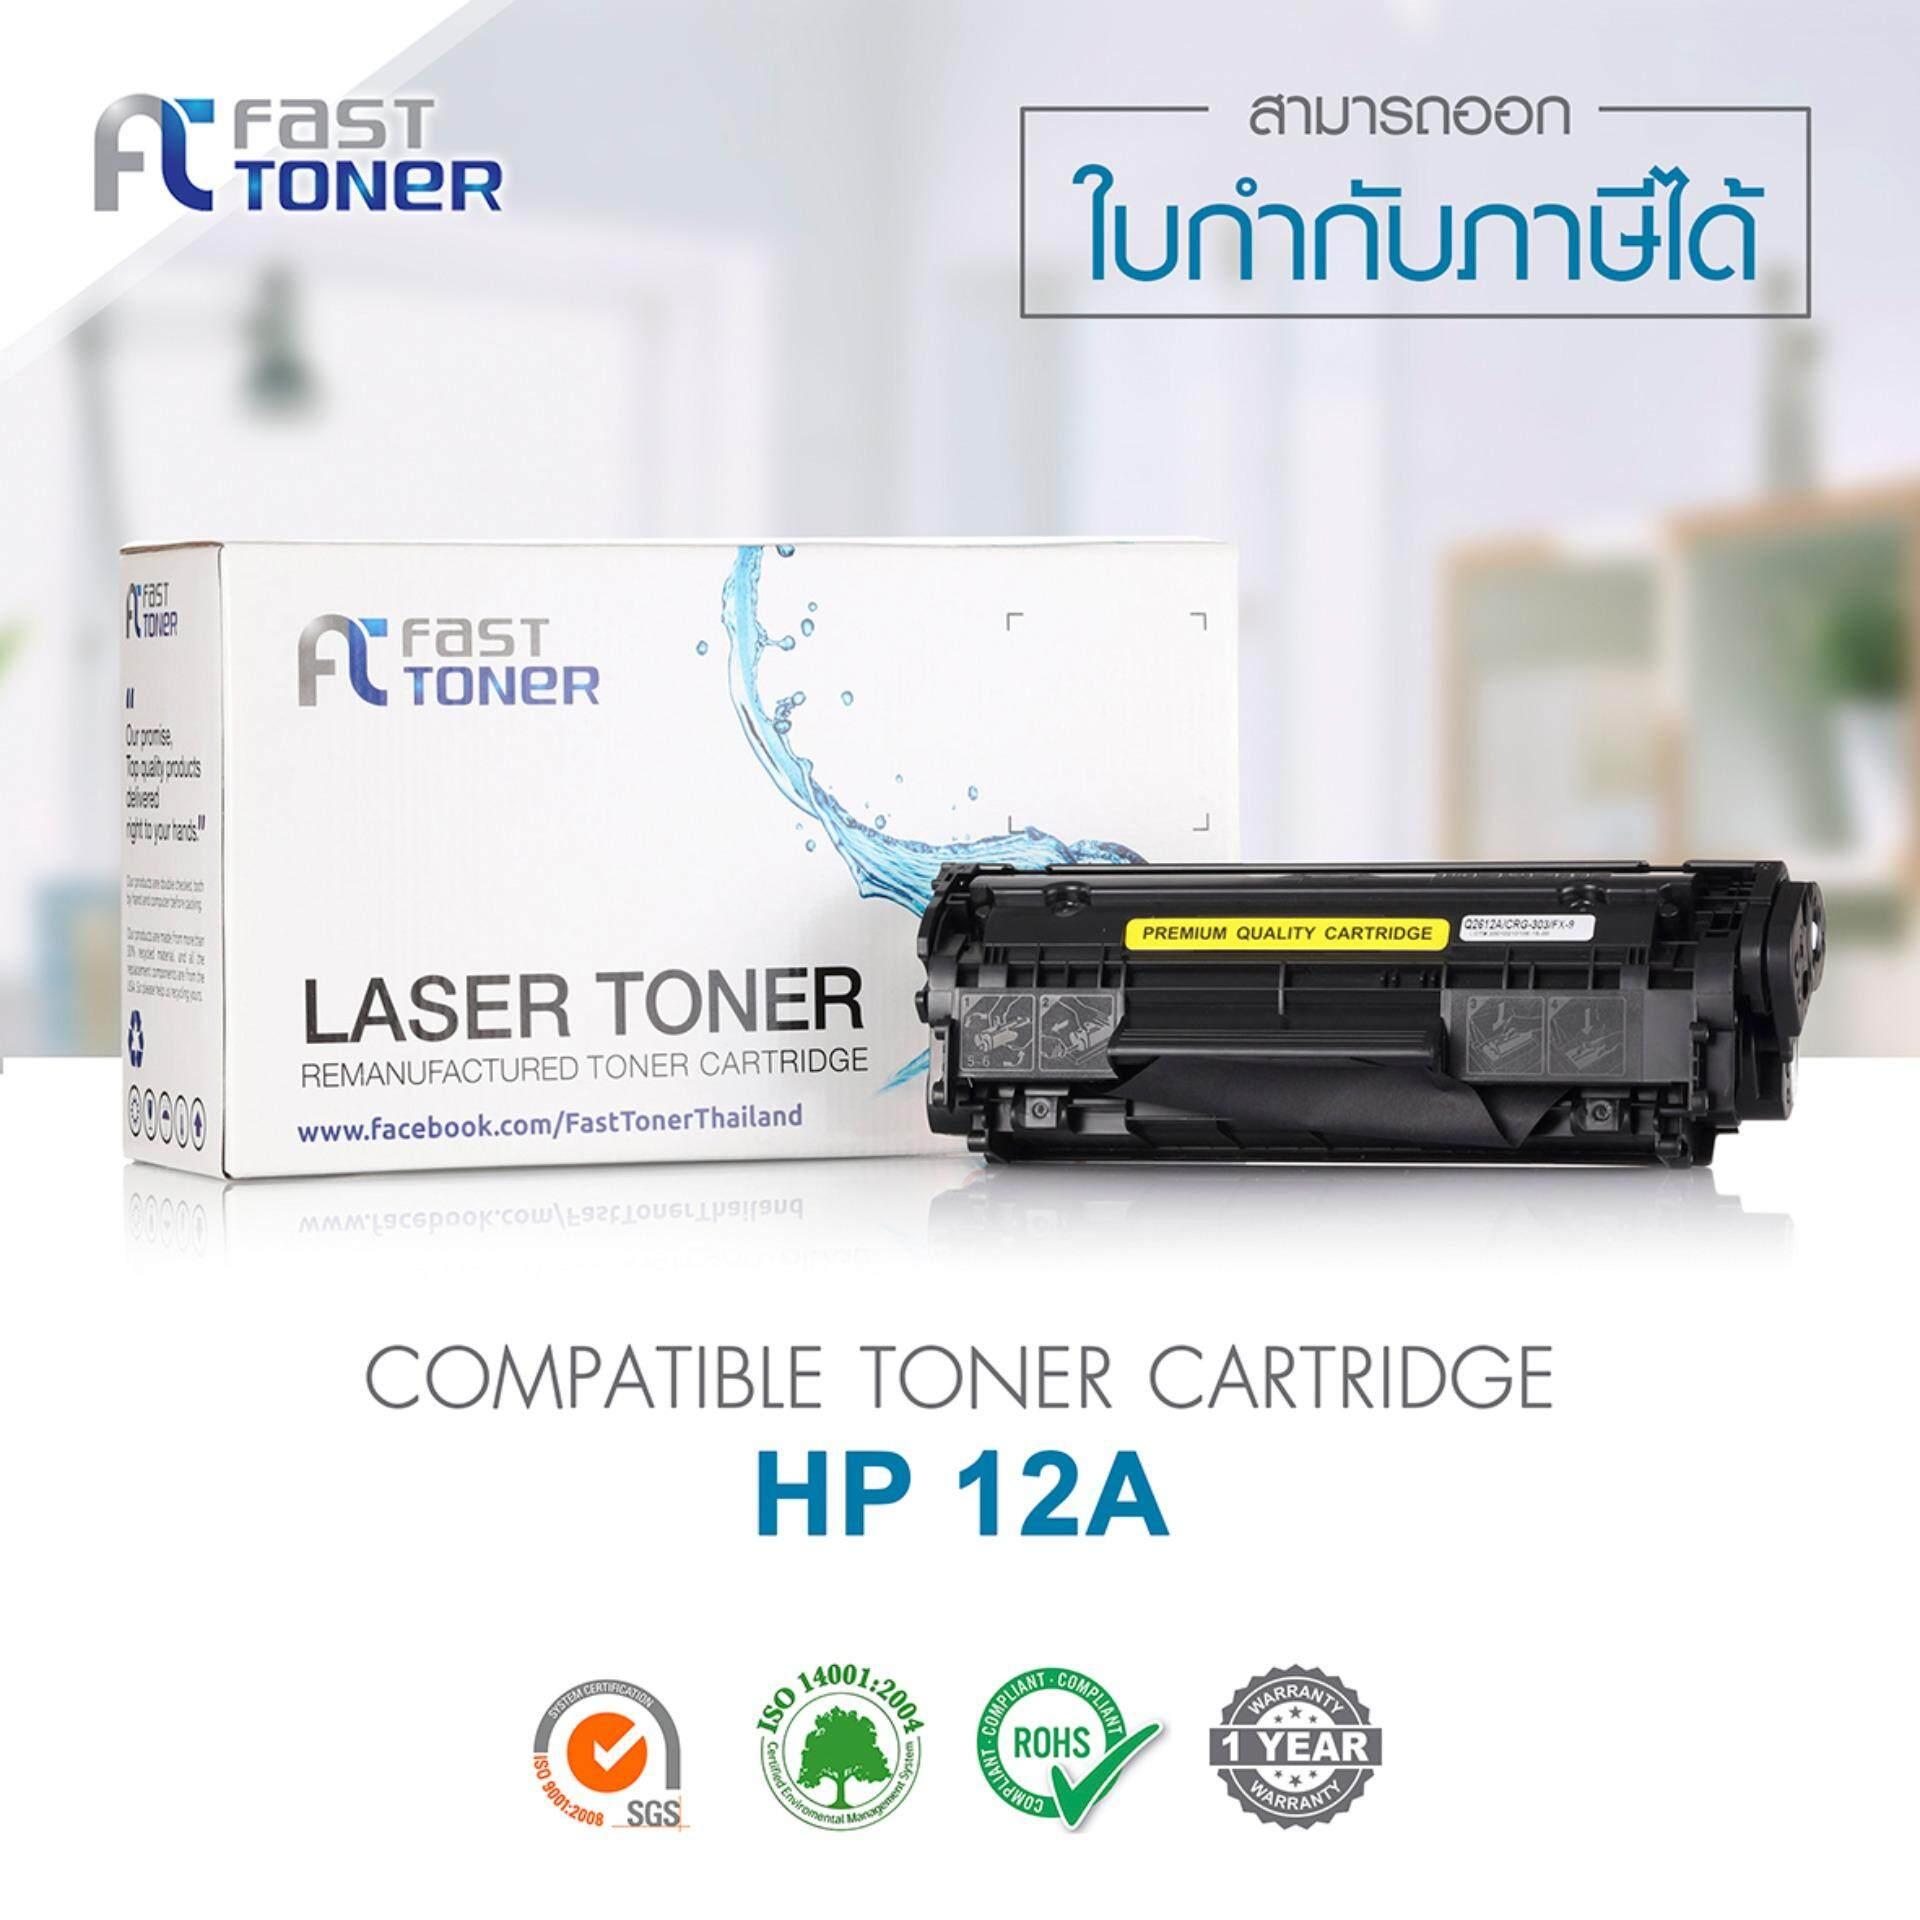 ขาย Fast Toner สำหรับรุ่น Hp Q2612A 12A สำหรับเครื่องปริ้น Hp Laserjet 1010 1012 1015 1018 1020 1022 1022N 1022Nw 3015 3020 3030 3050 3050